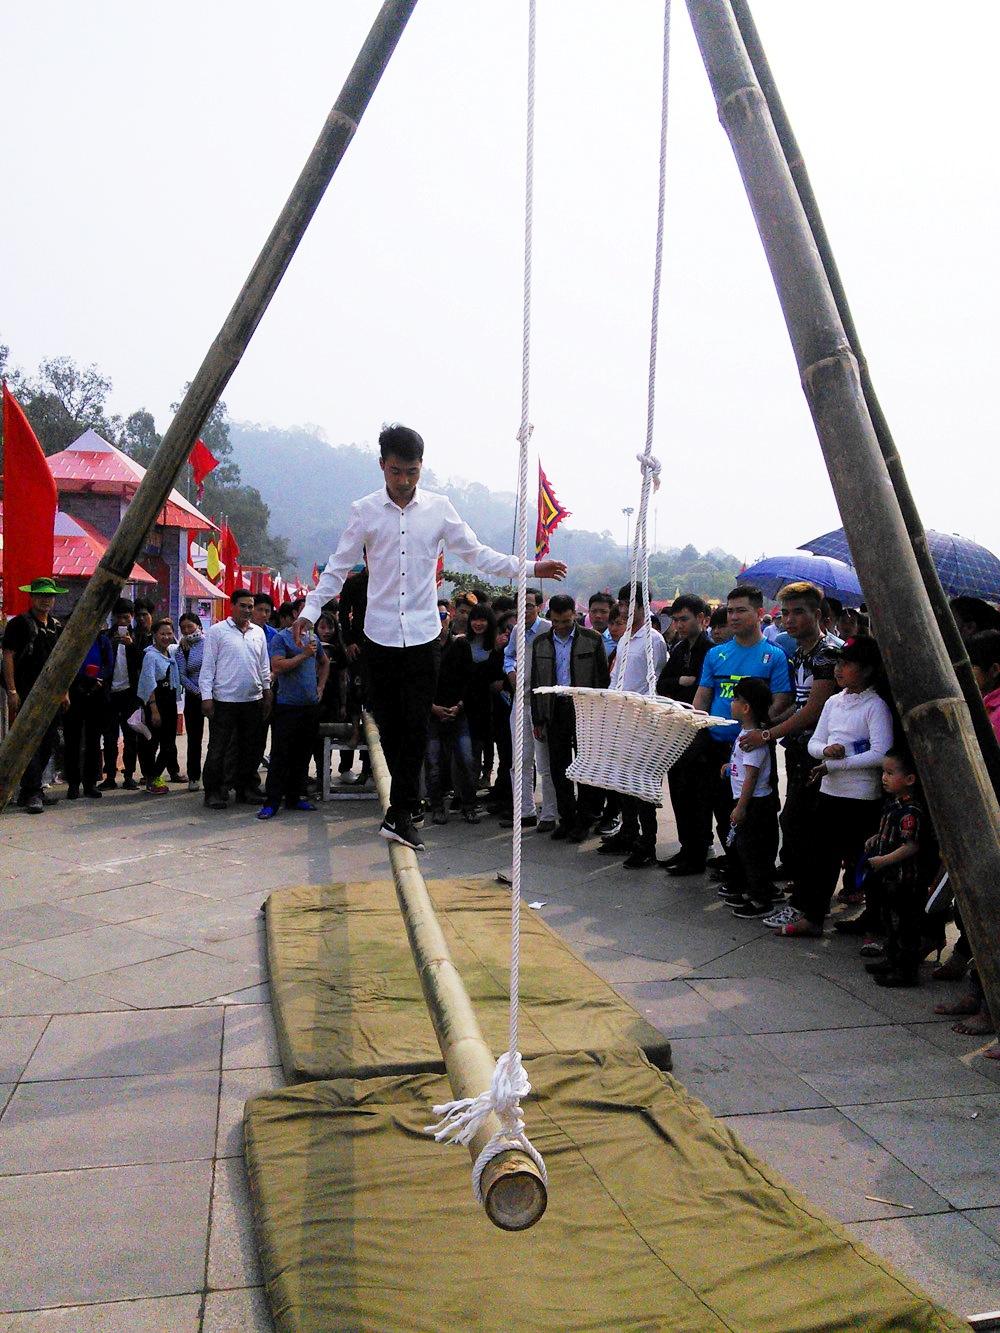 Đi cầu kiều, một trò chơi dân gian truyền thống thu hút nhiều người tham gia.